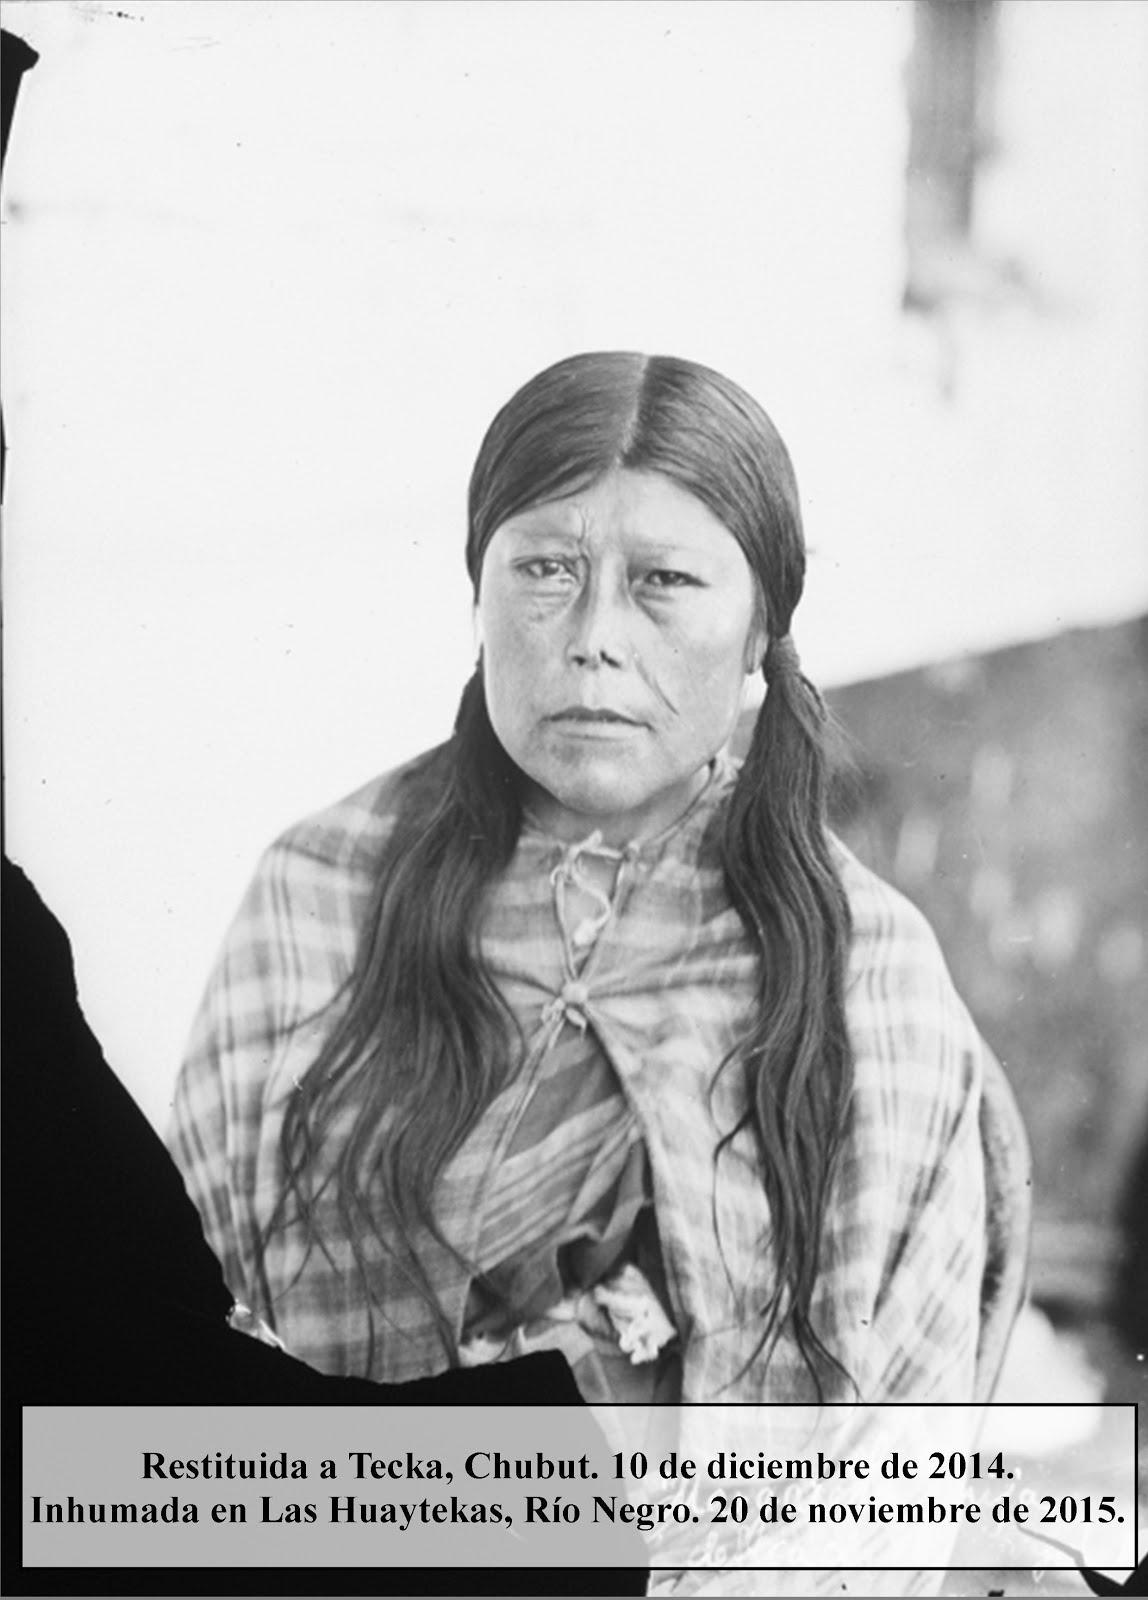 Margarita Foyel, Hija del Lonkgo Foyel.